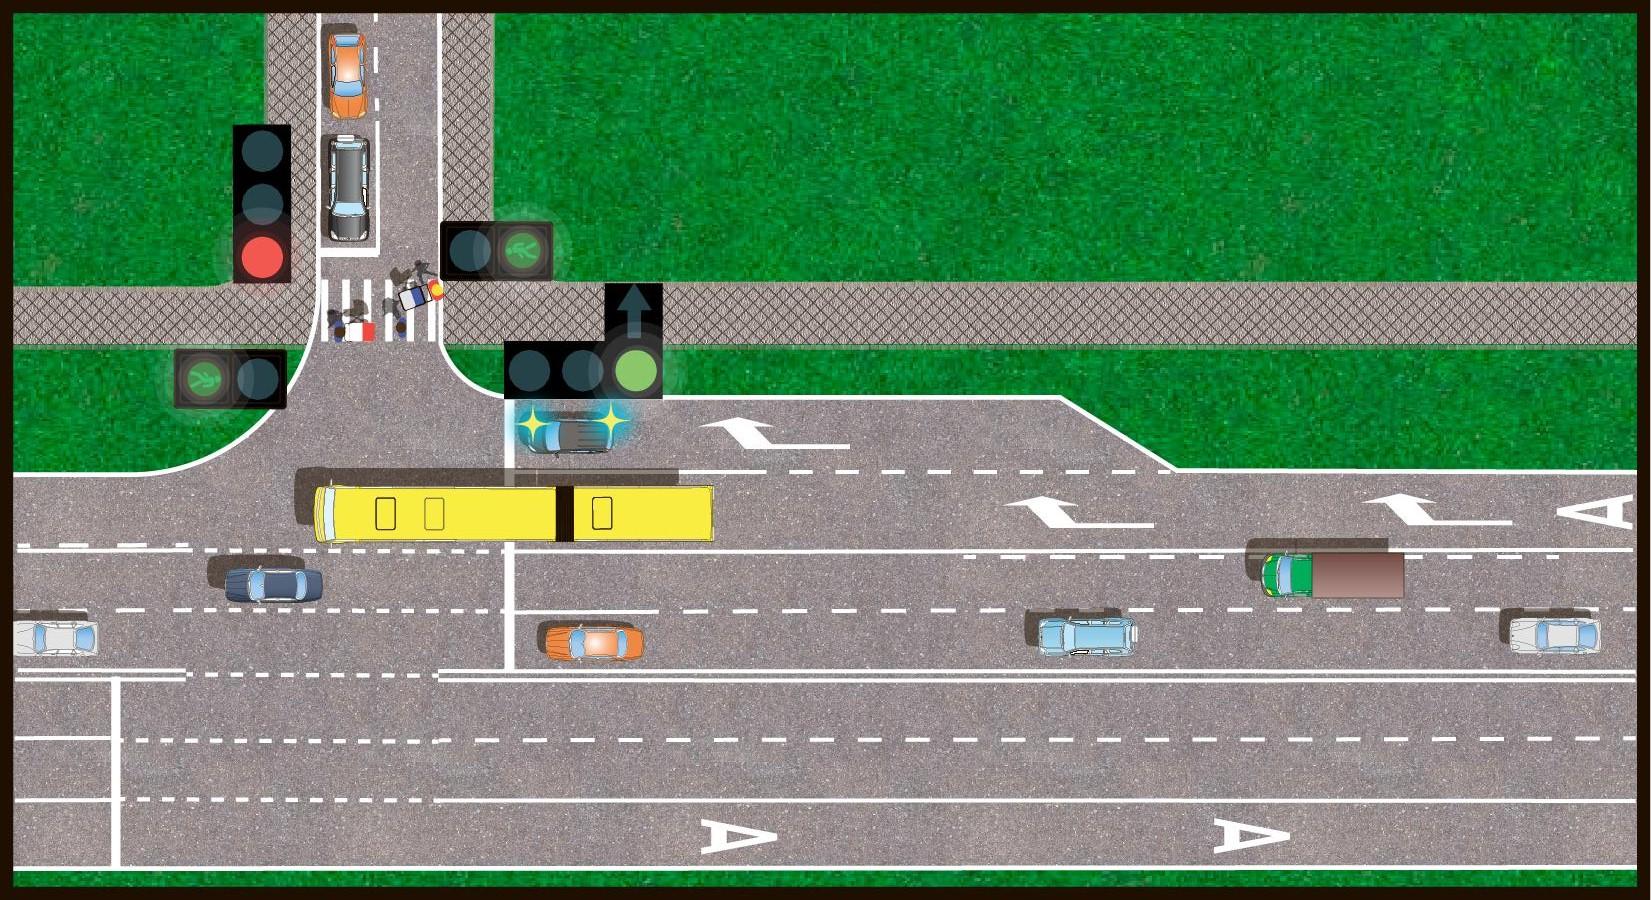 Штраф полоса для общественного транспорта схема6